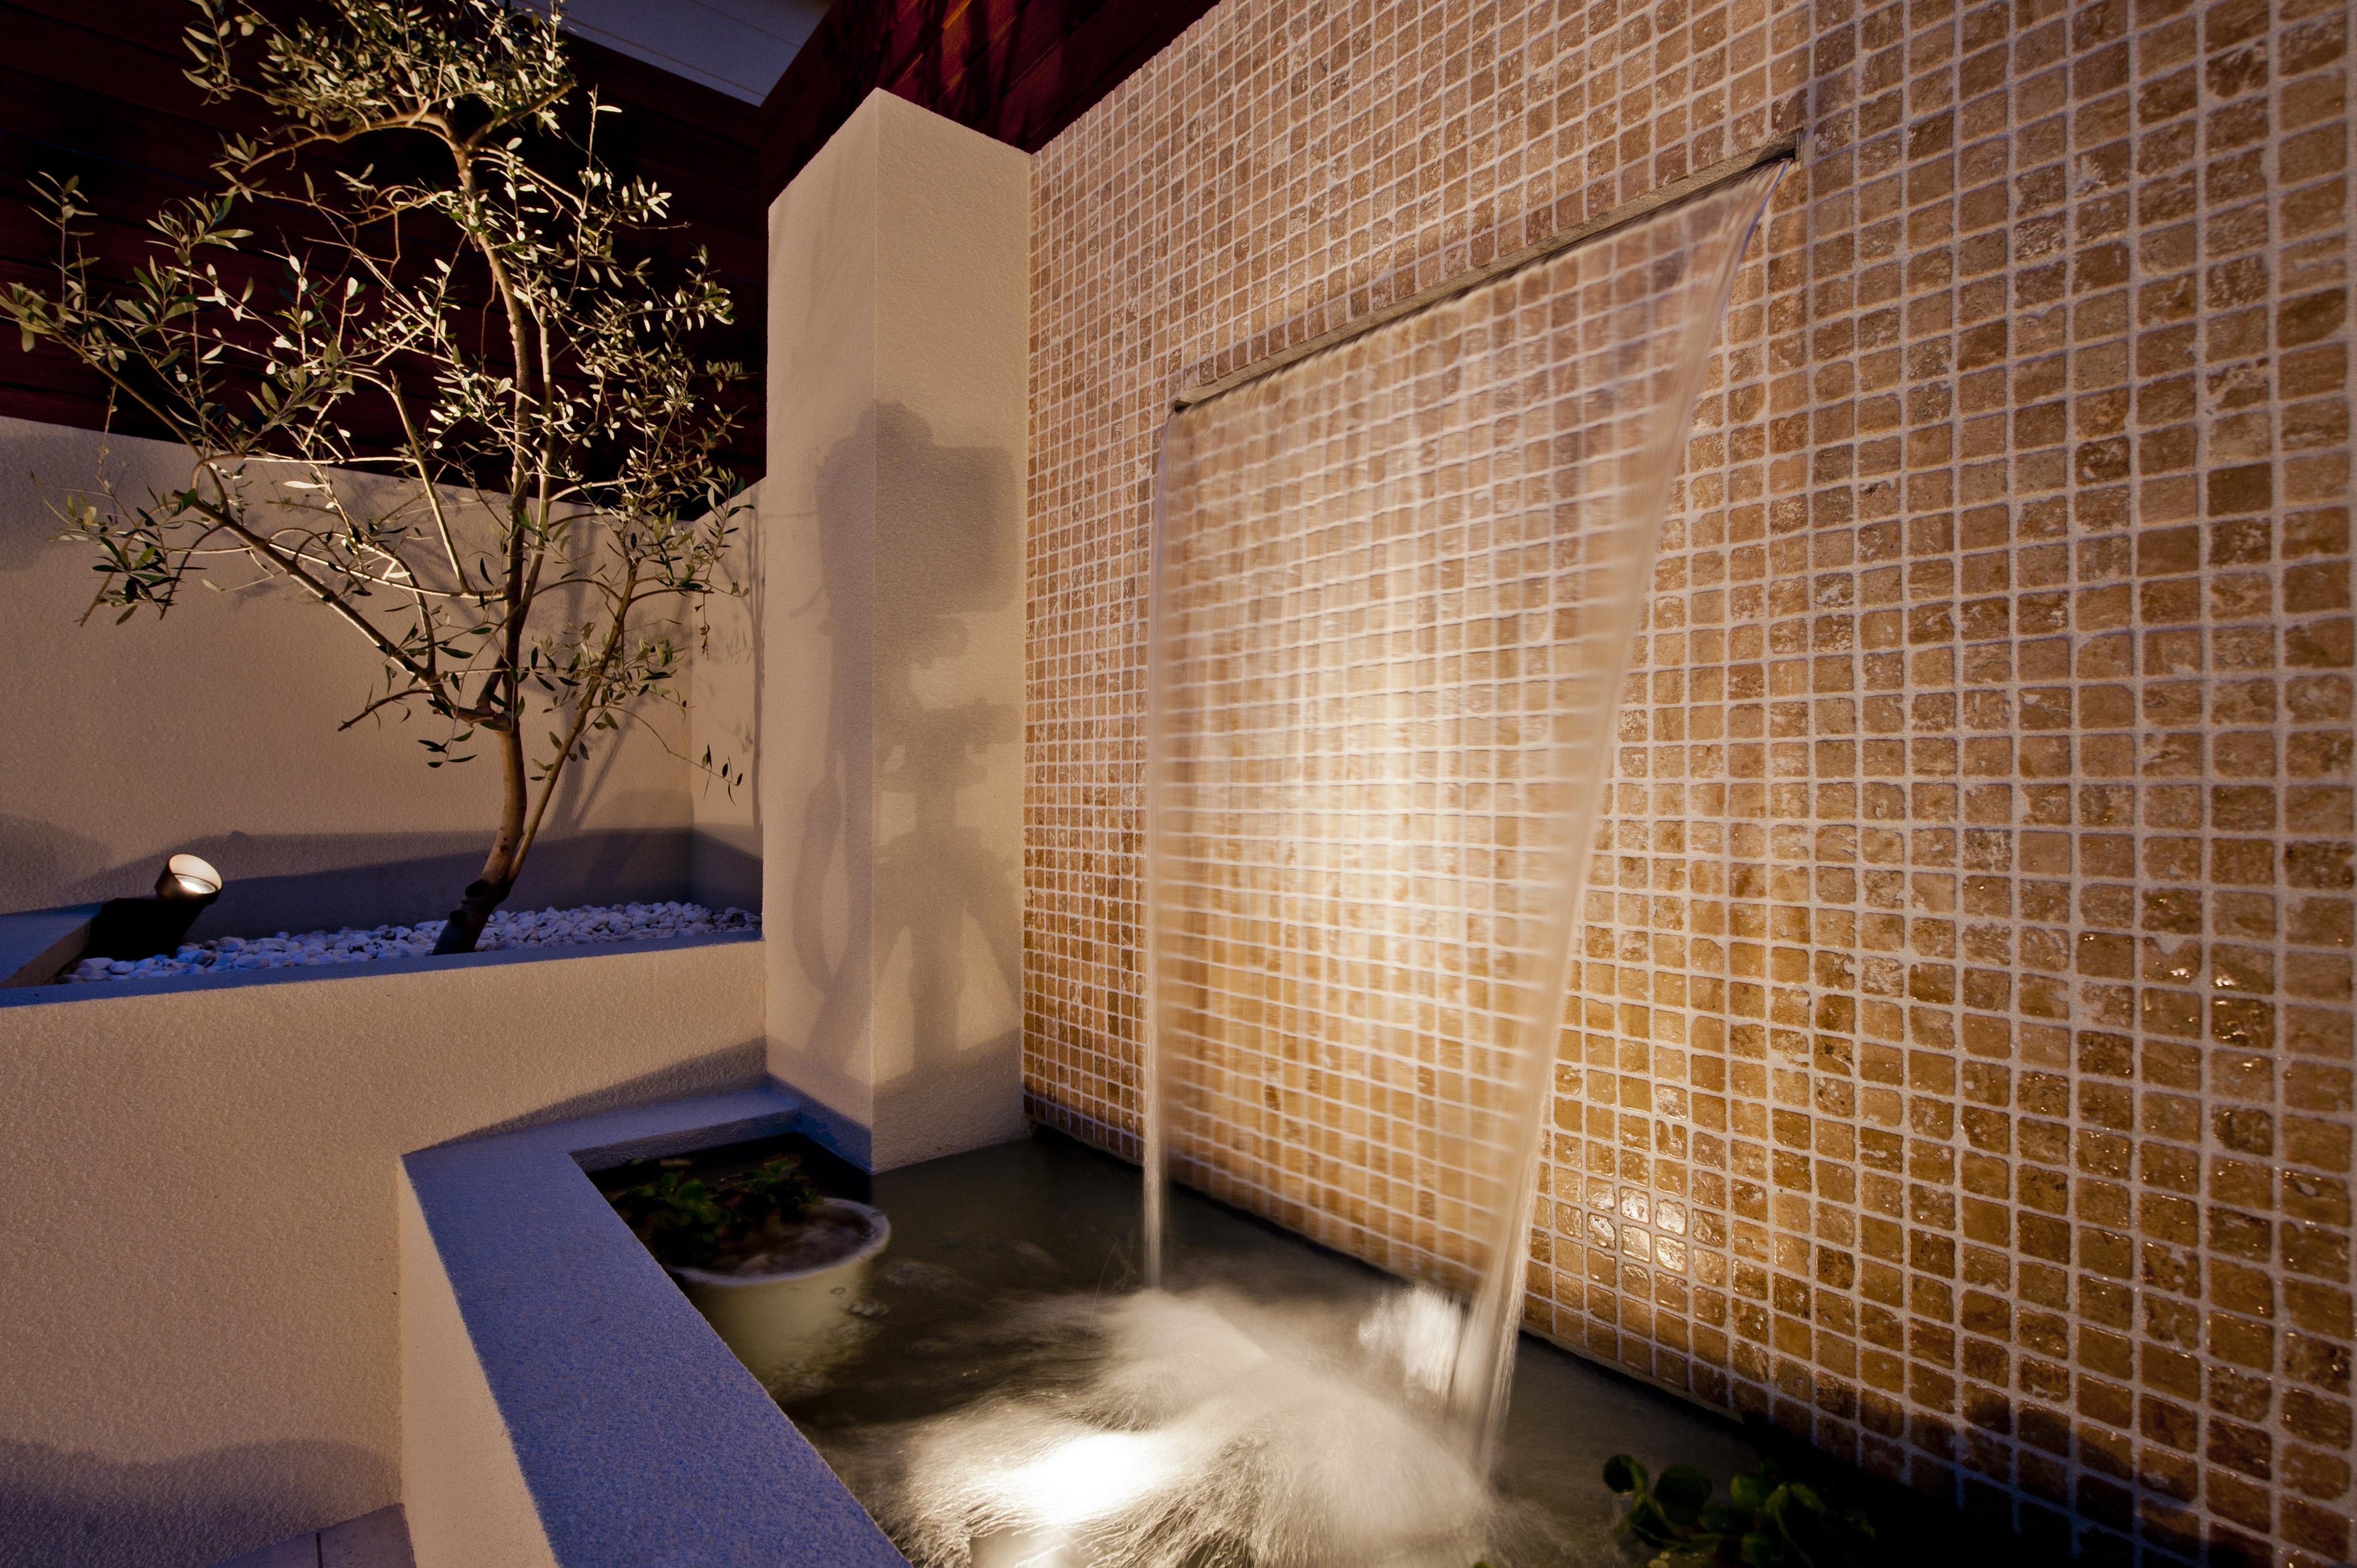 壁泉 ライトアップ エクステリア 高崎市 群馬 外構 リゾート 南国植物 ソテツ オリーブ デッキ